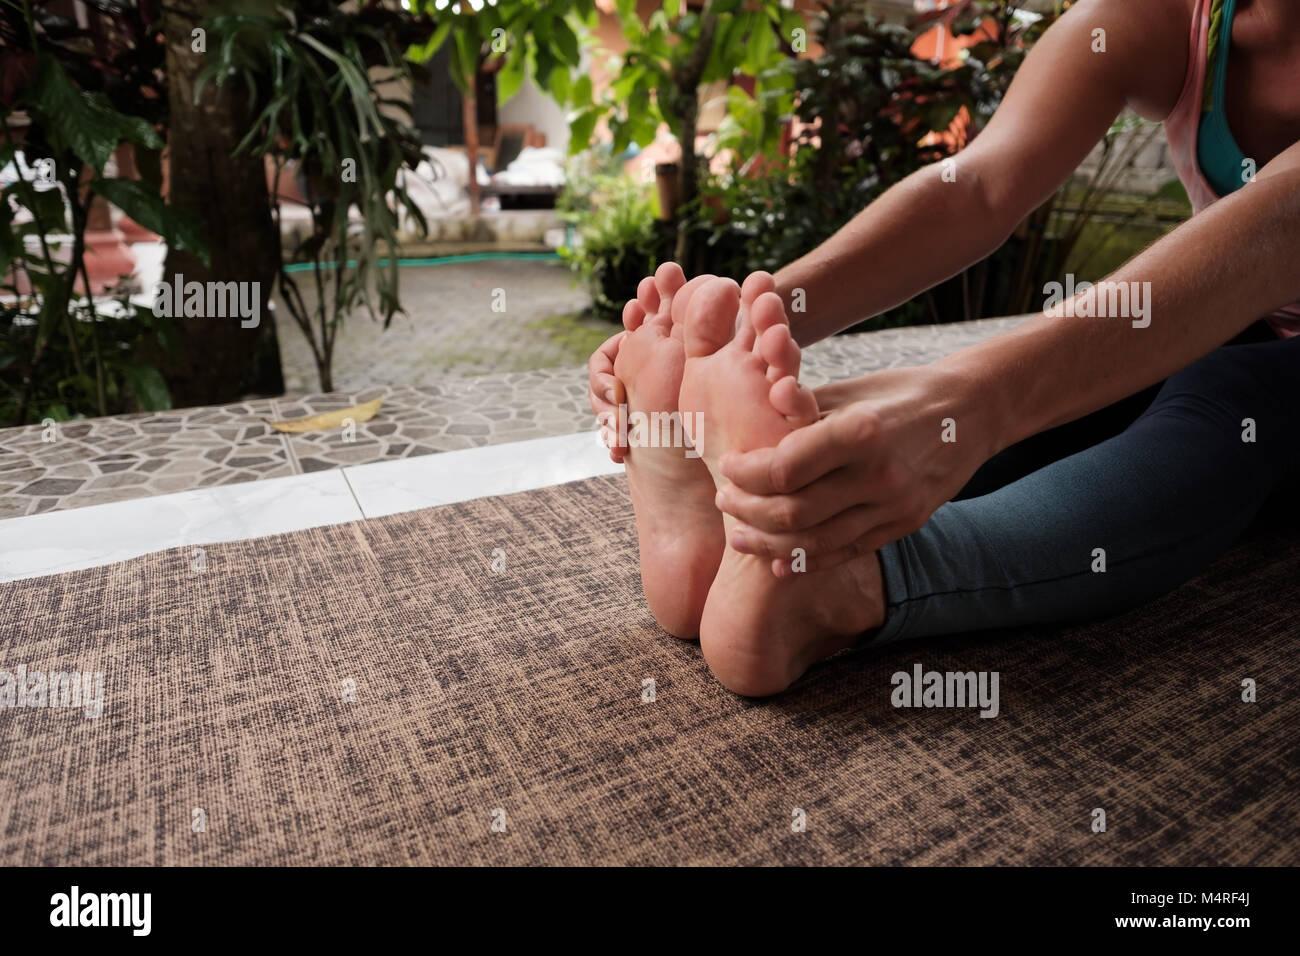 Detalle de la mujer caucásica haciendo ejercicios de yoga asana. Chica sentado adelante doblar pose. Estilo Imagen De Stock